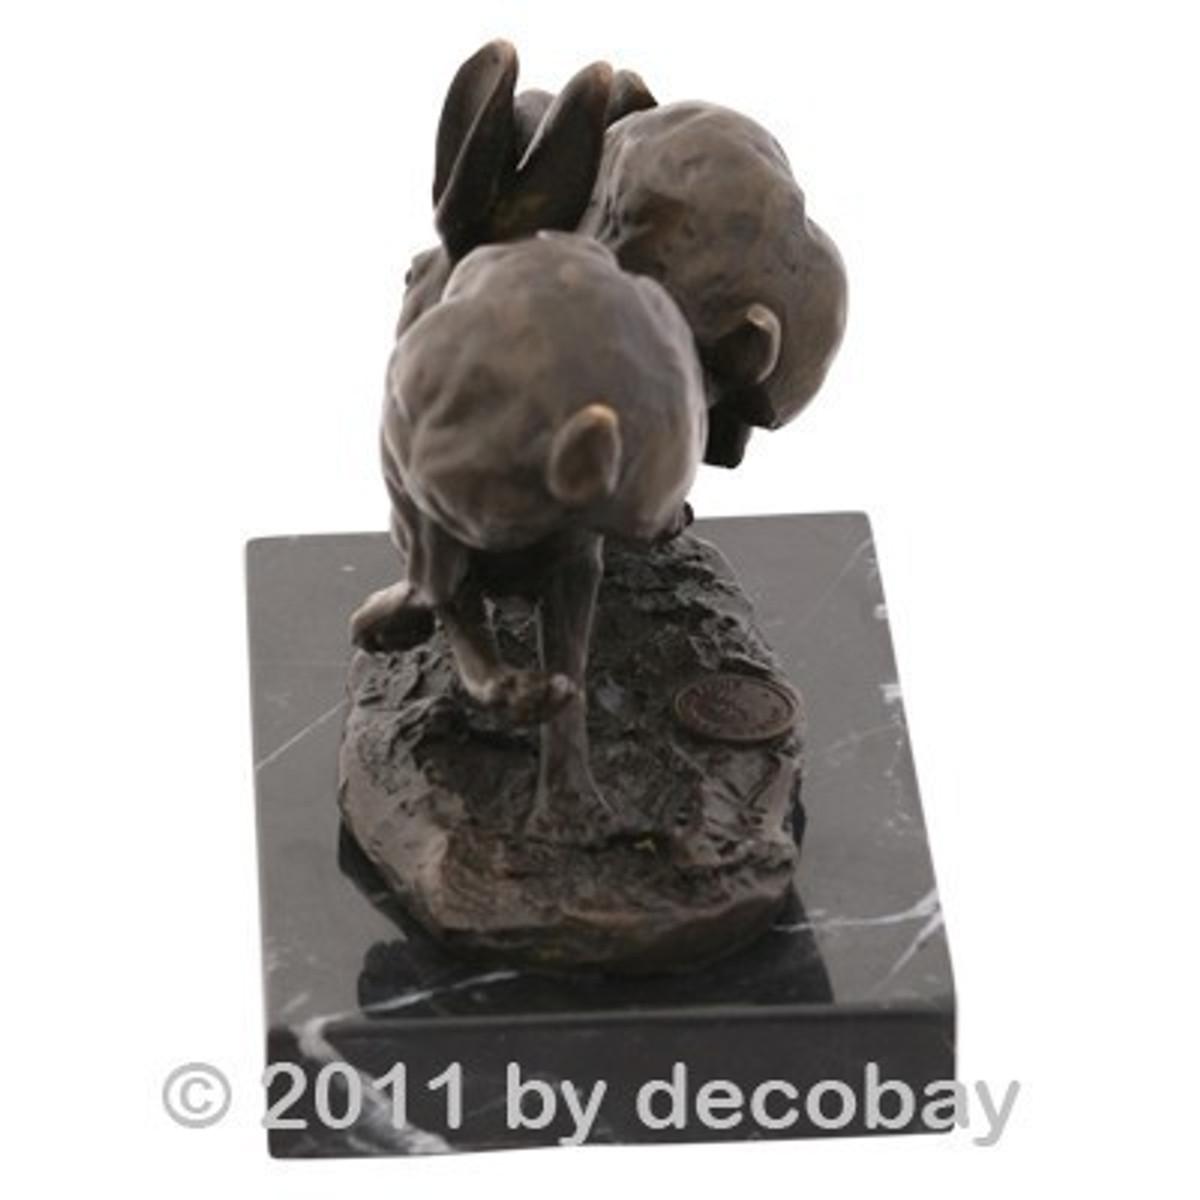 Hasenjagd Tier Figur Bronze zeigt ein Hasen Rennen. Faszinierende Szene für Jäger.